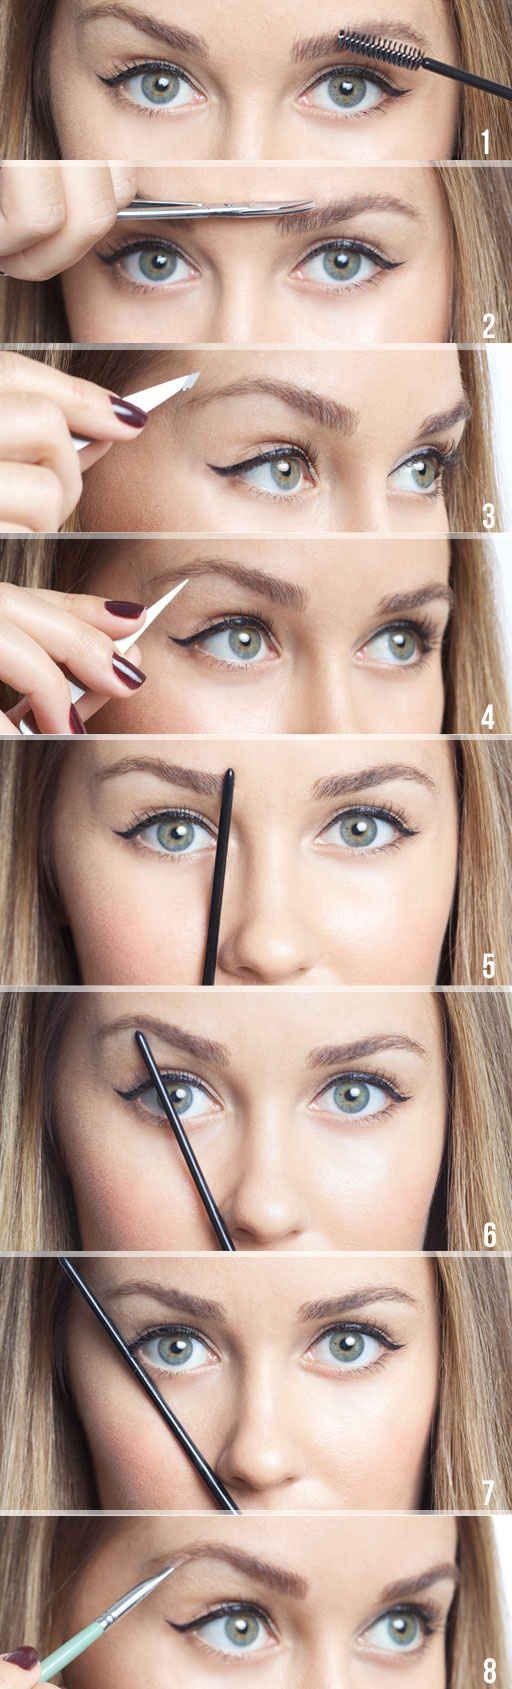 Tudo que você precisava saber para cuidar das sobrancelhas